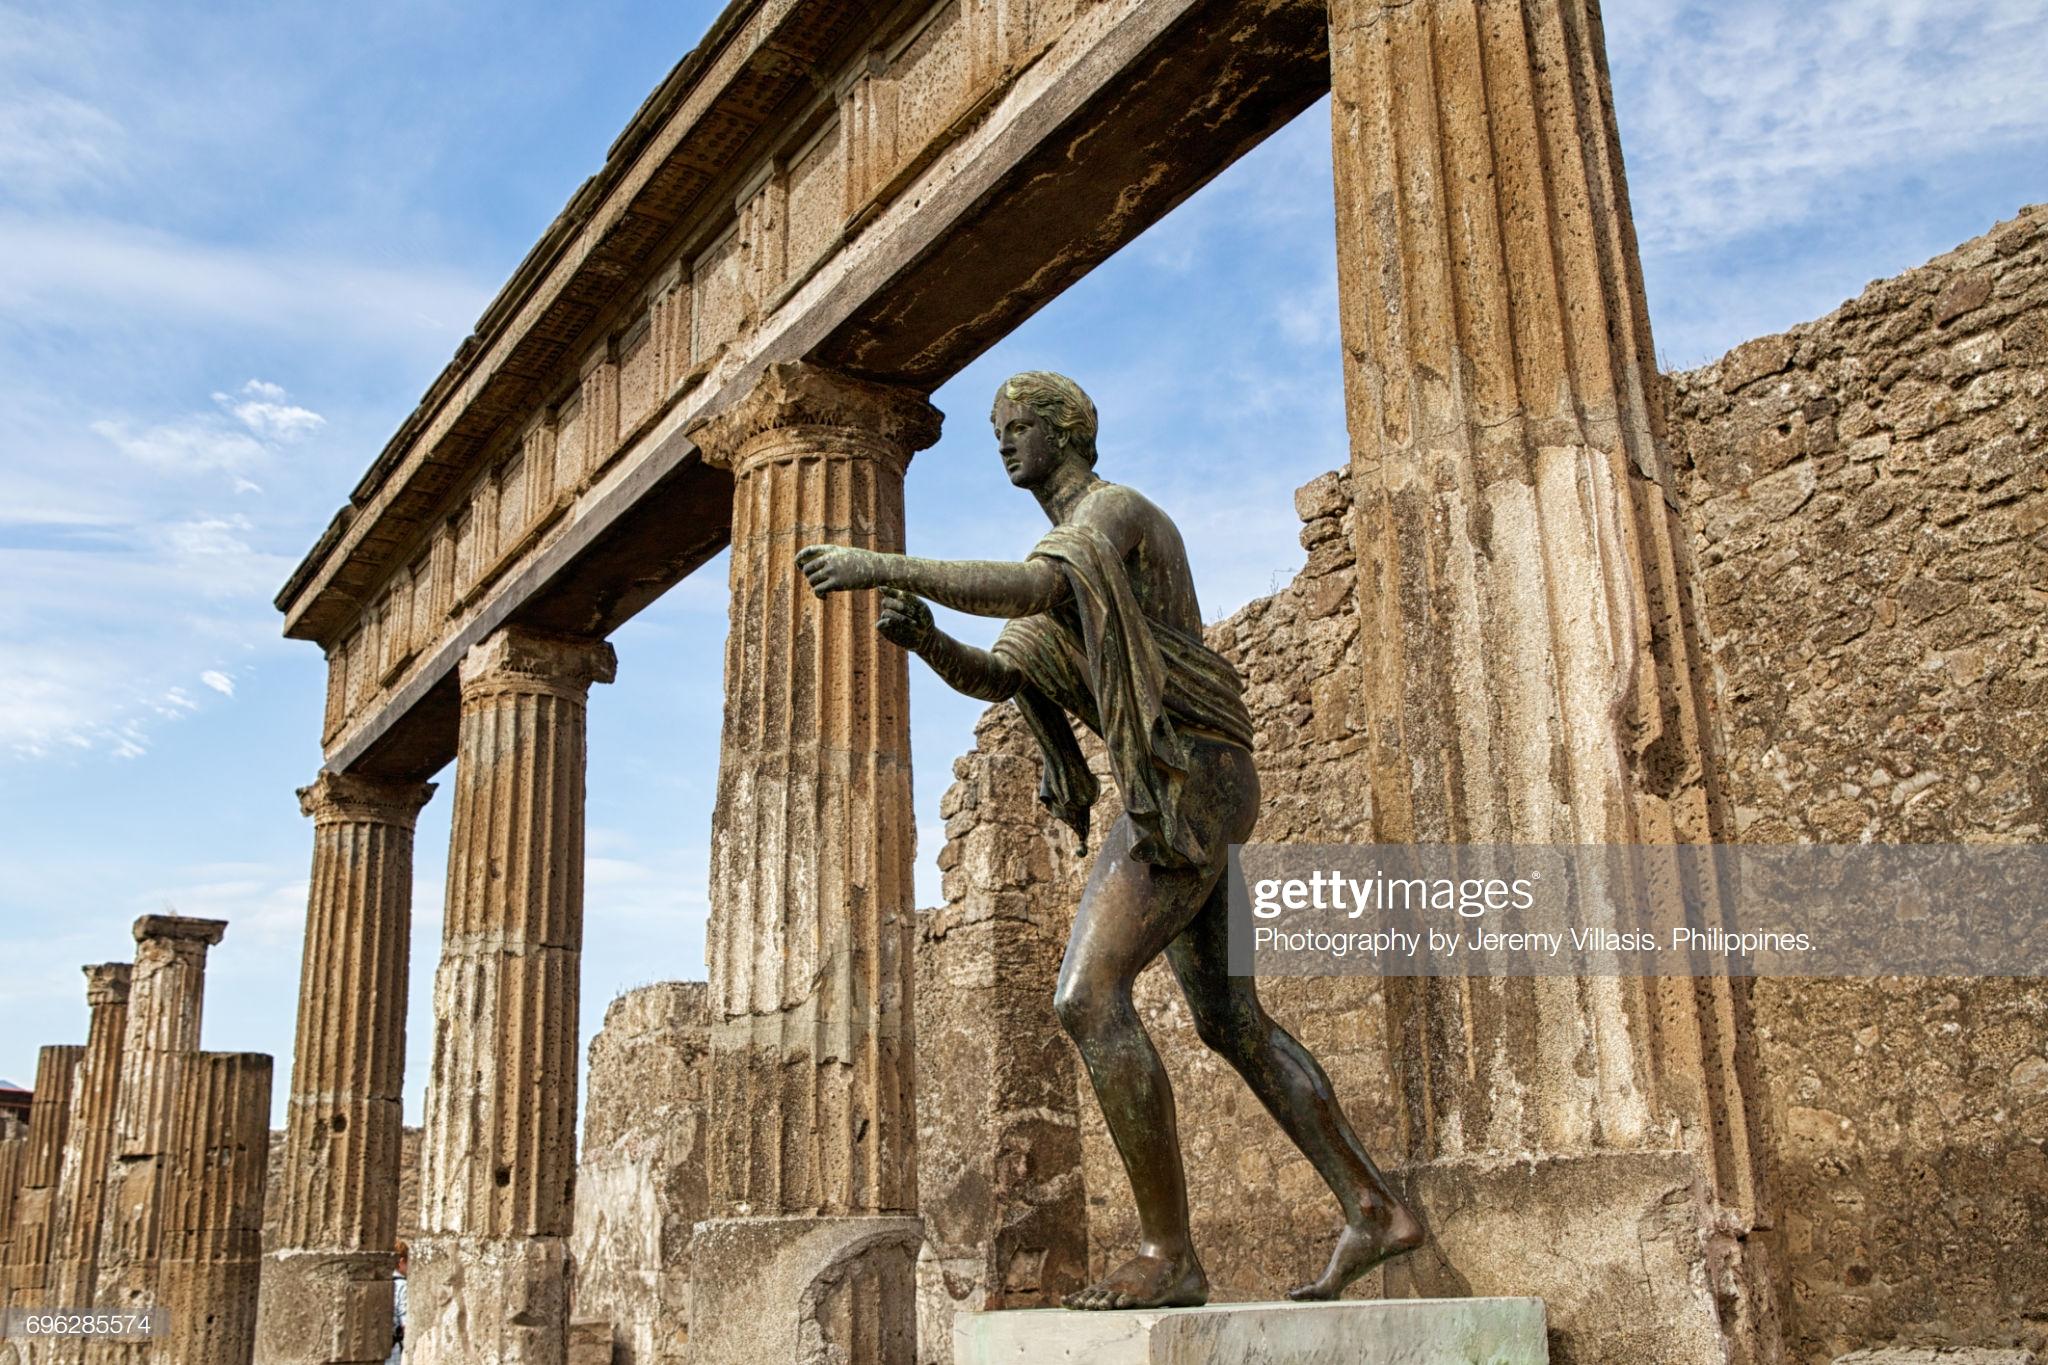 Pompeii ban đầu không phải là một thành phố La Mã